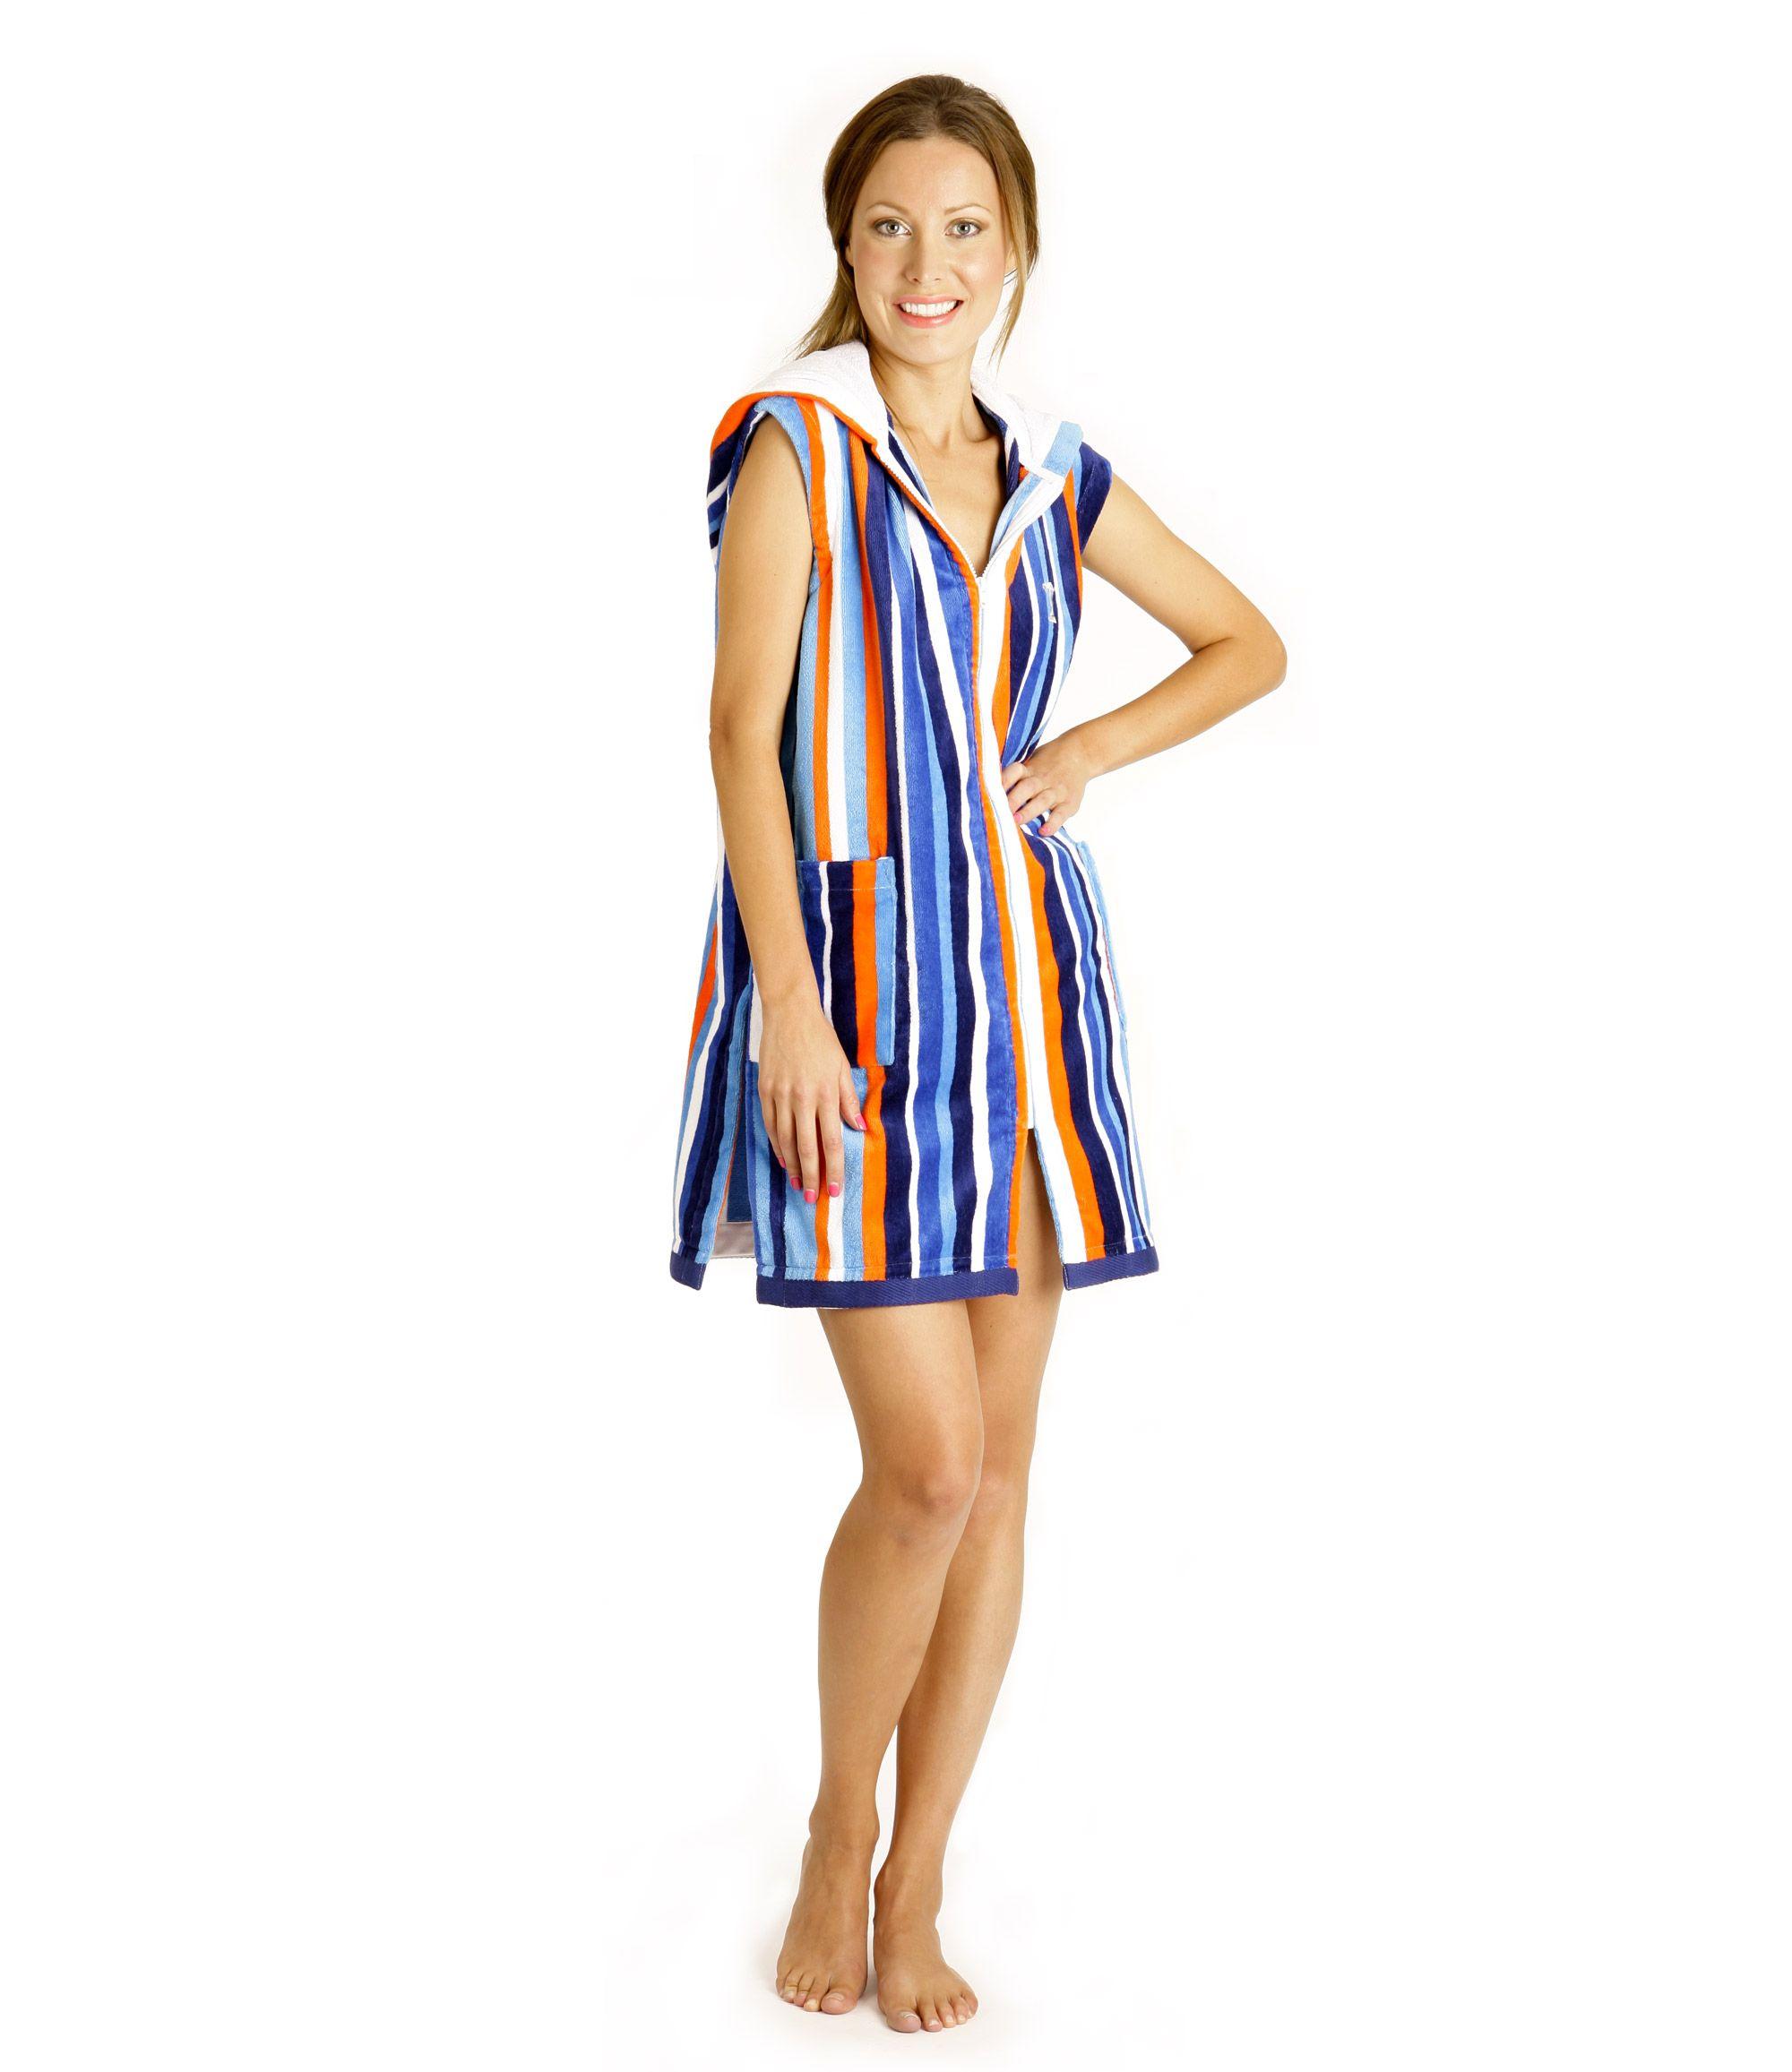 e2f32d6ee4 Terry Rich Australia   Womens Hooded Robe. Sleeveless Beach Robe Beach  Cover Ups ...